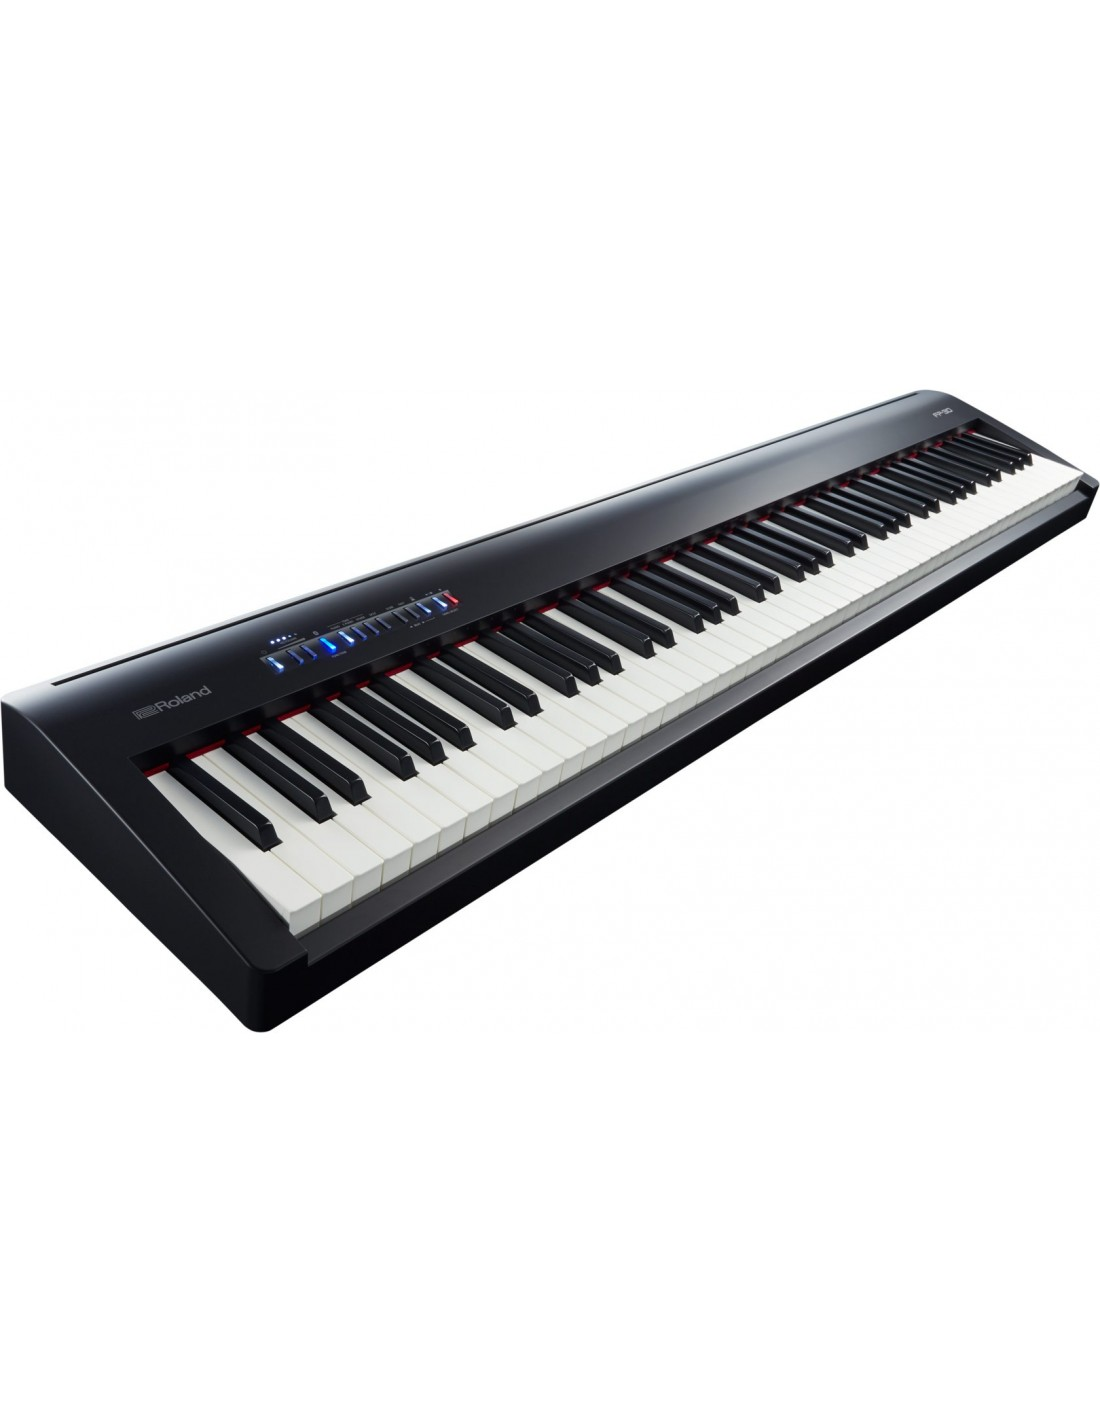 roland fp 30 bk piano num rique 88 notes toucher lourd. Black Bedroom Furniture Sets. Home Design Ideas